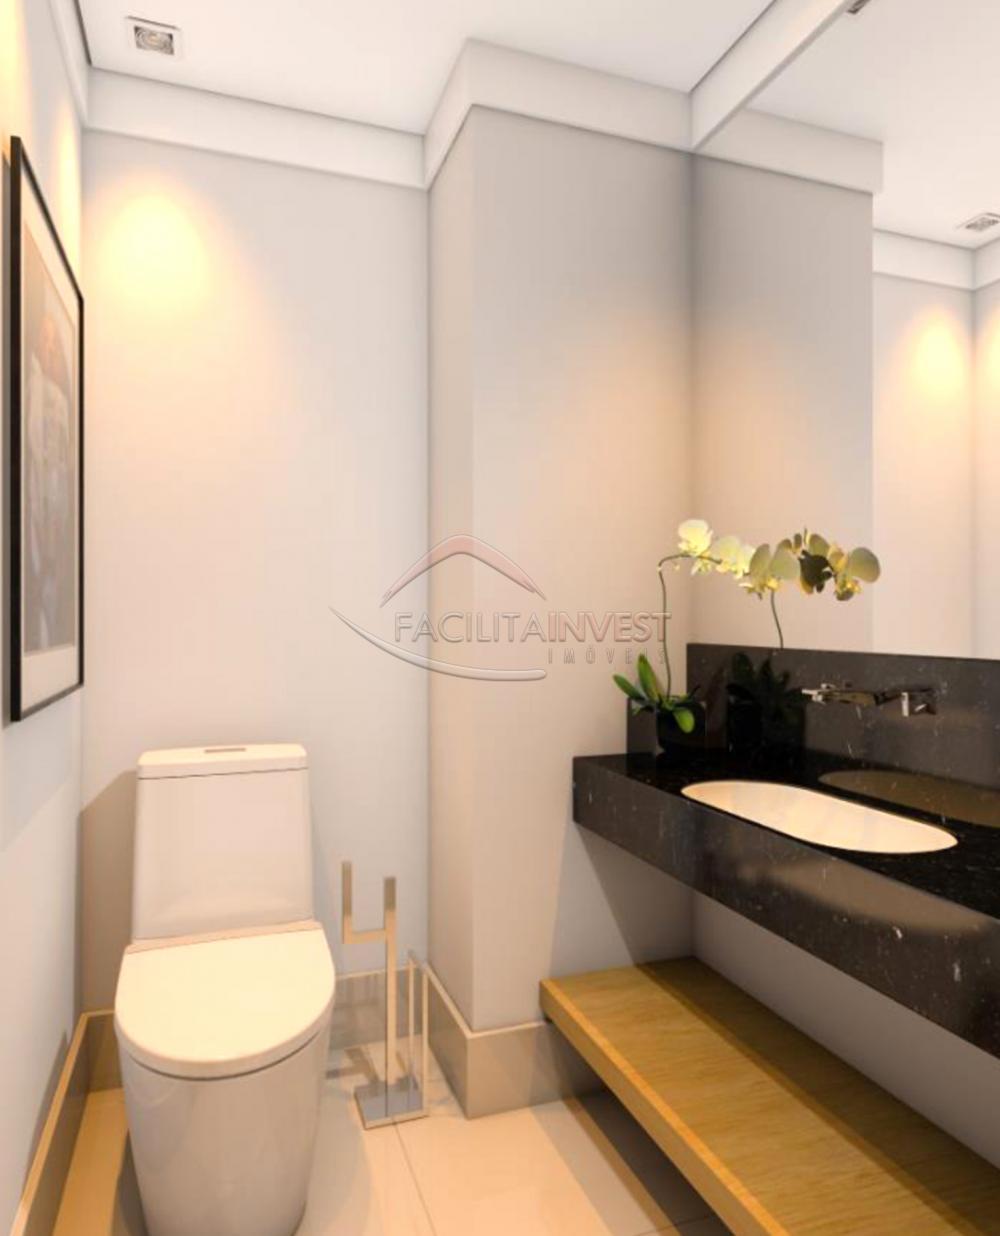 Comprar Lançamentos/ Empreendimentos em Construç / Apartamento padrão - Lançamento em Ribeirão Preto apenas R$ 602.103,00 - Foto 5